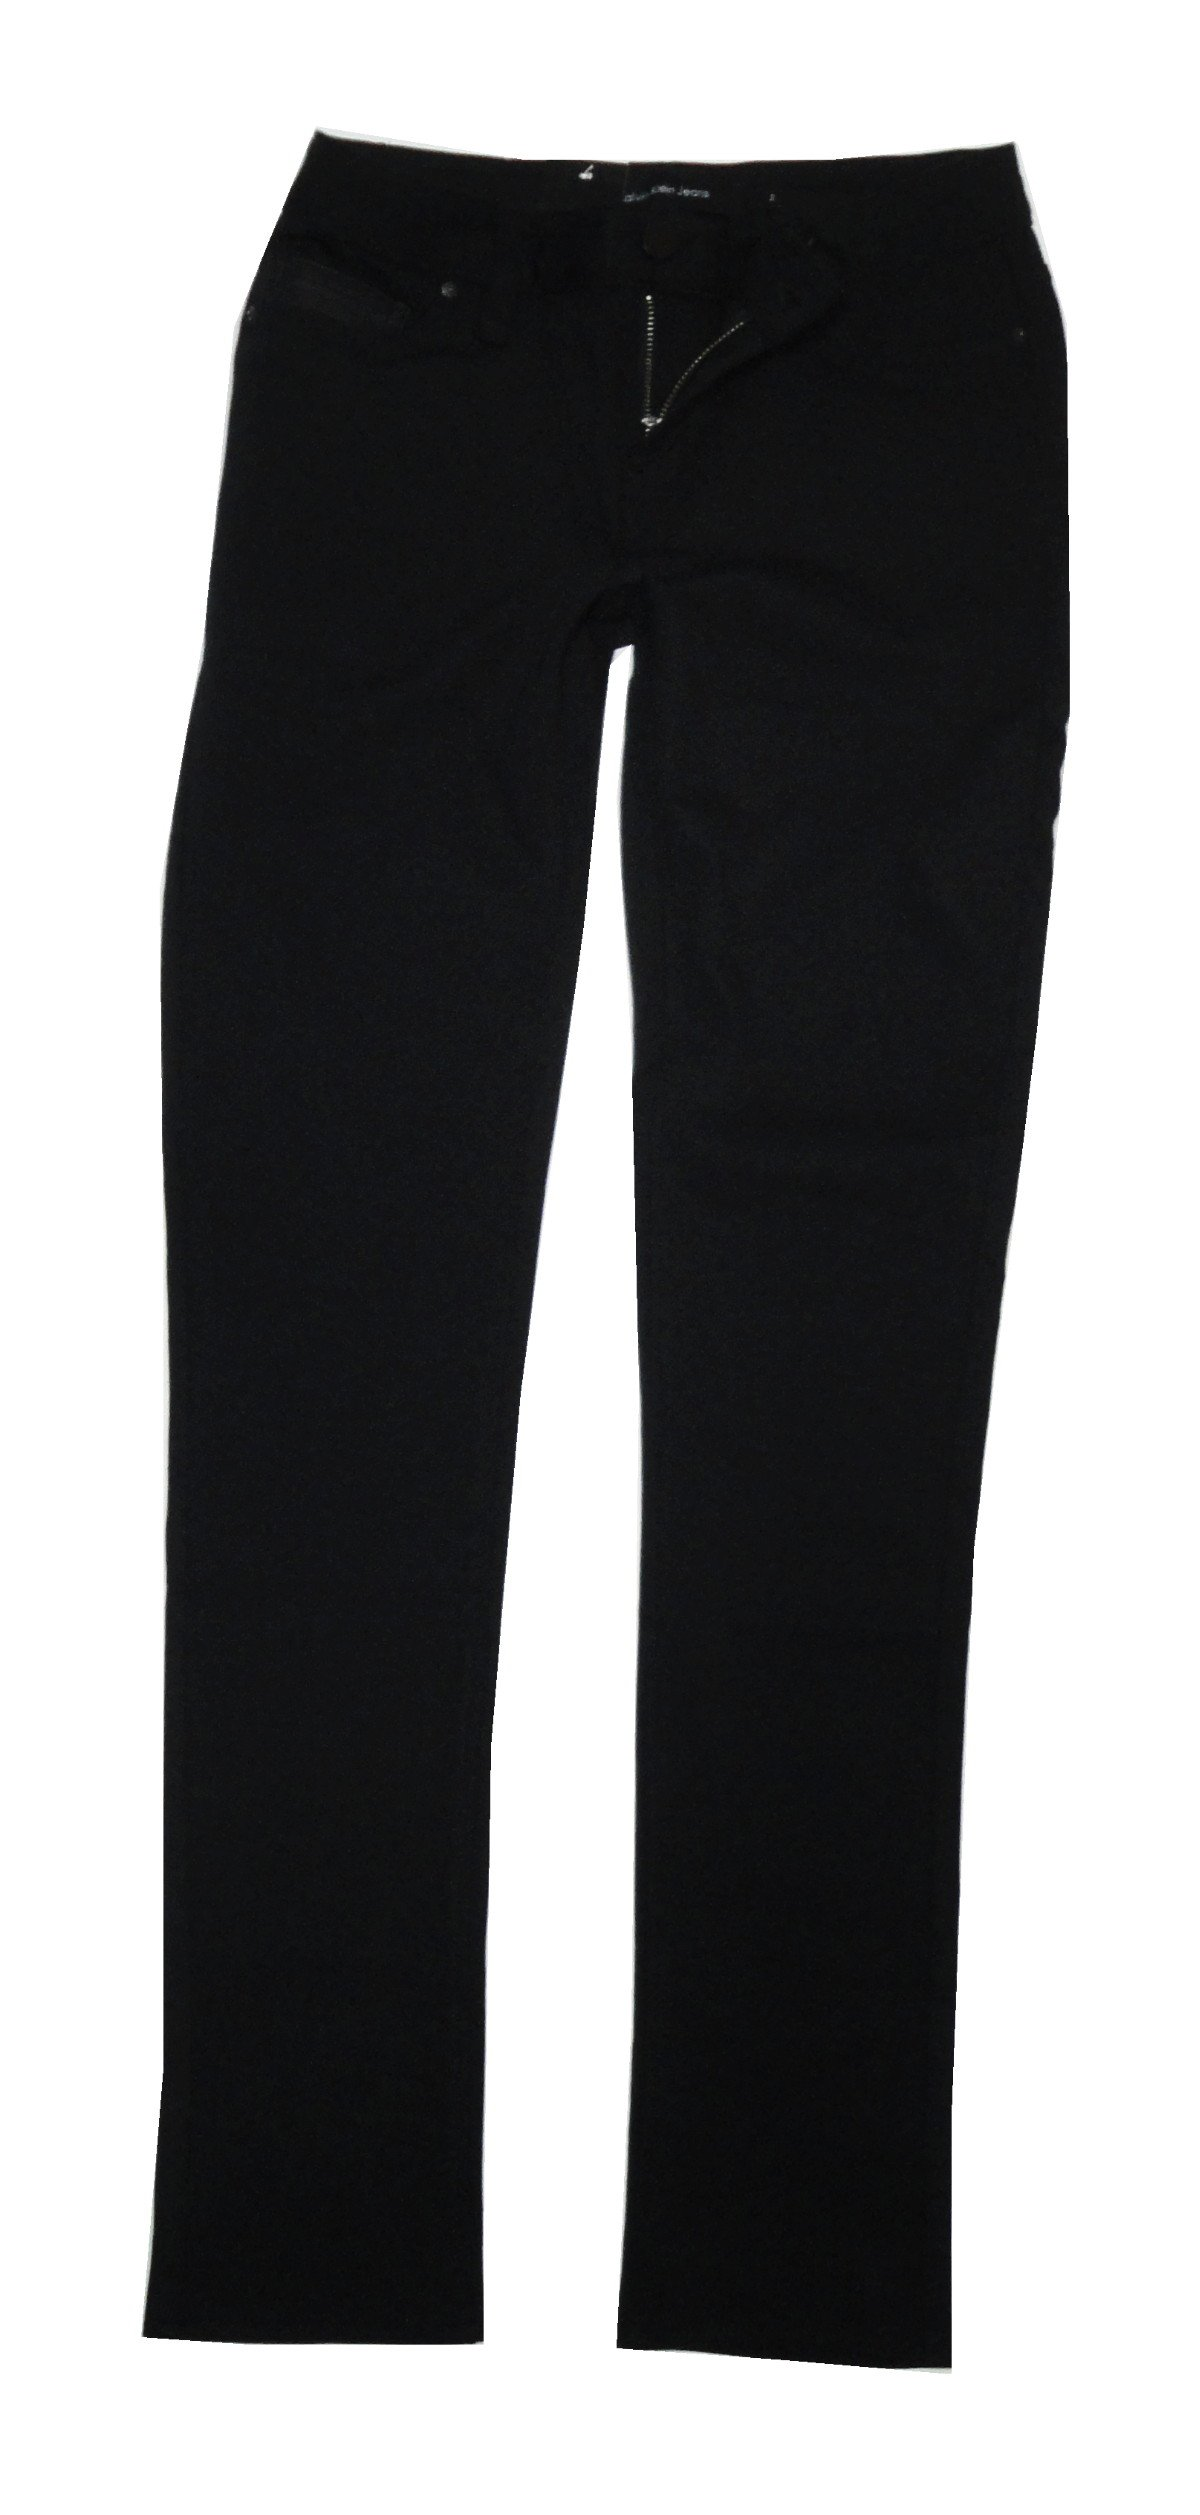 Calvin Klein Women's Stretch Ponte Pants, Black, 10